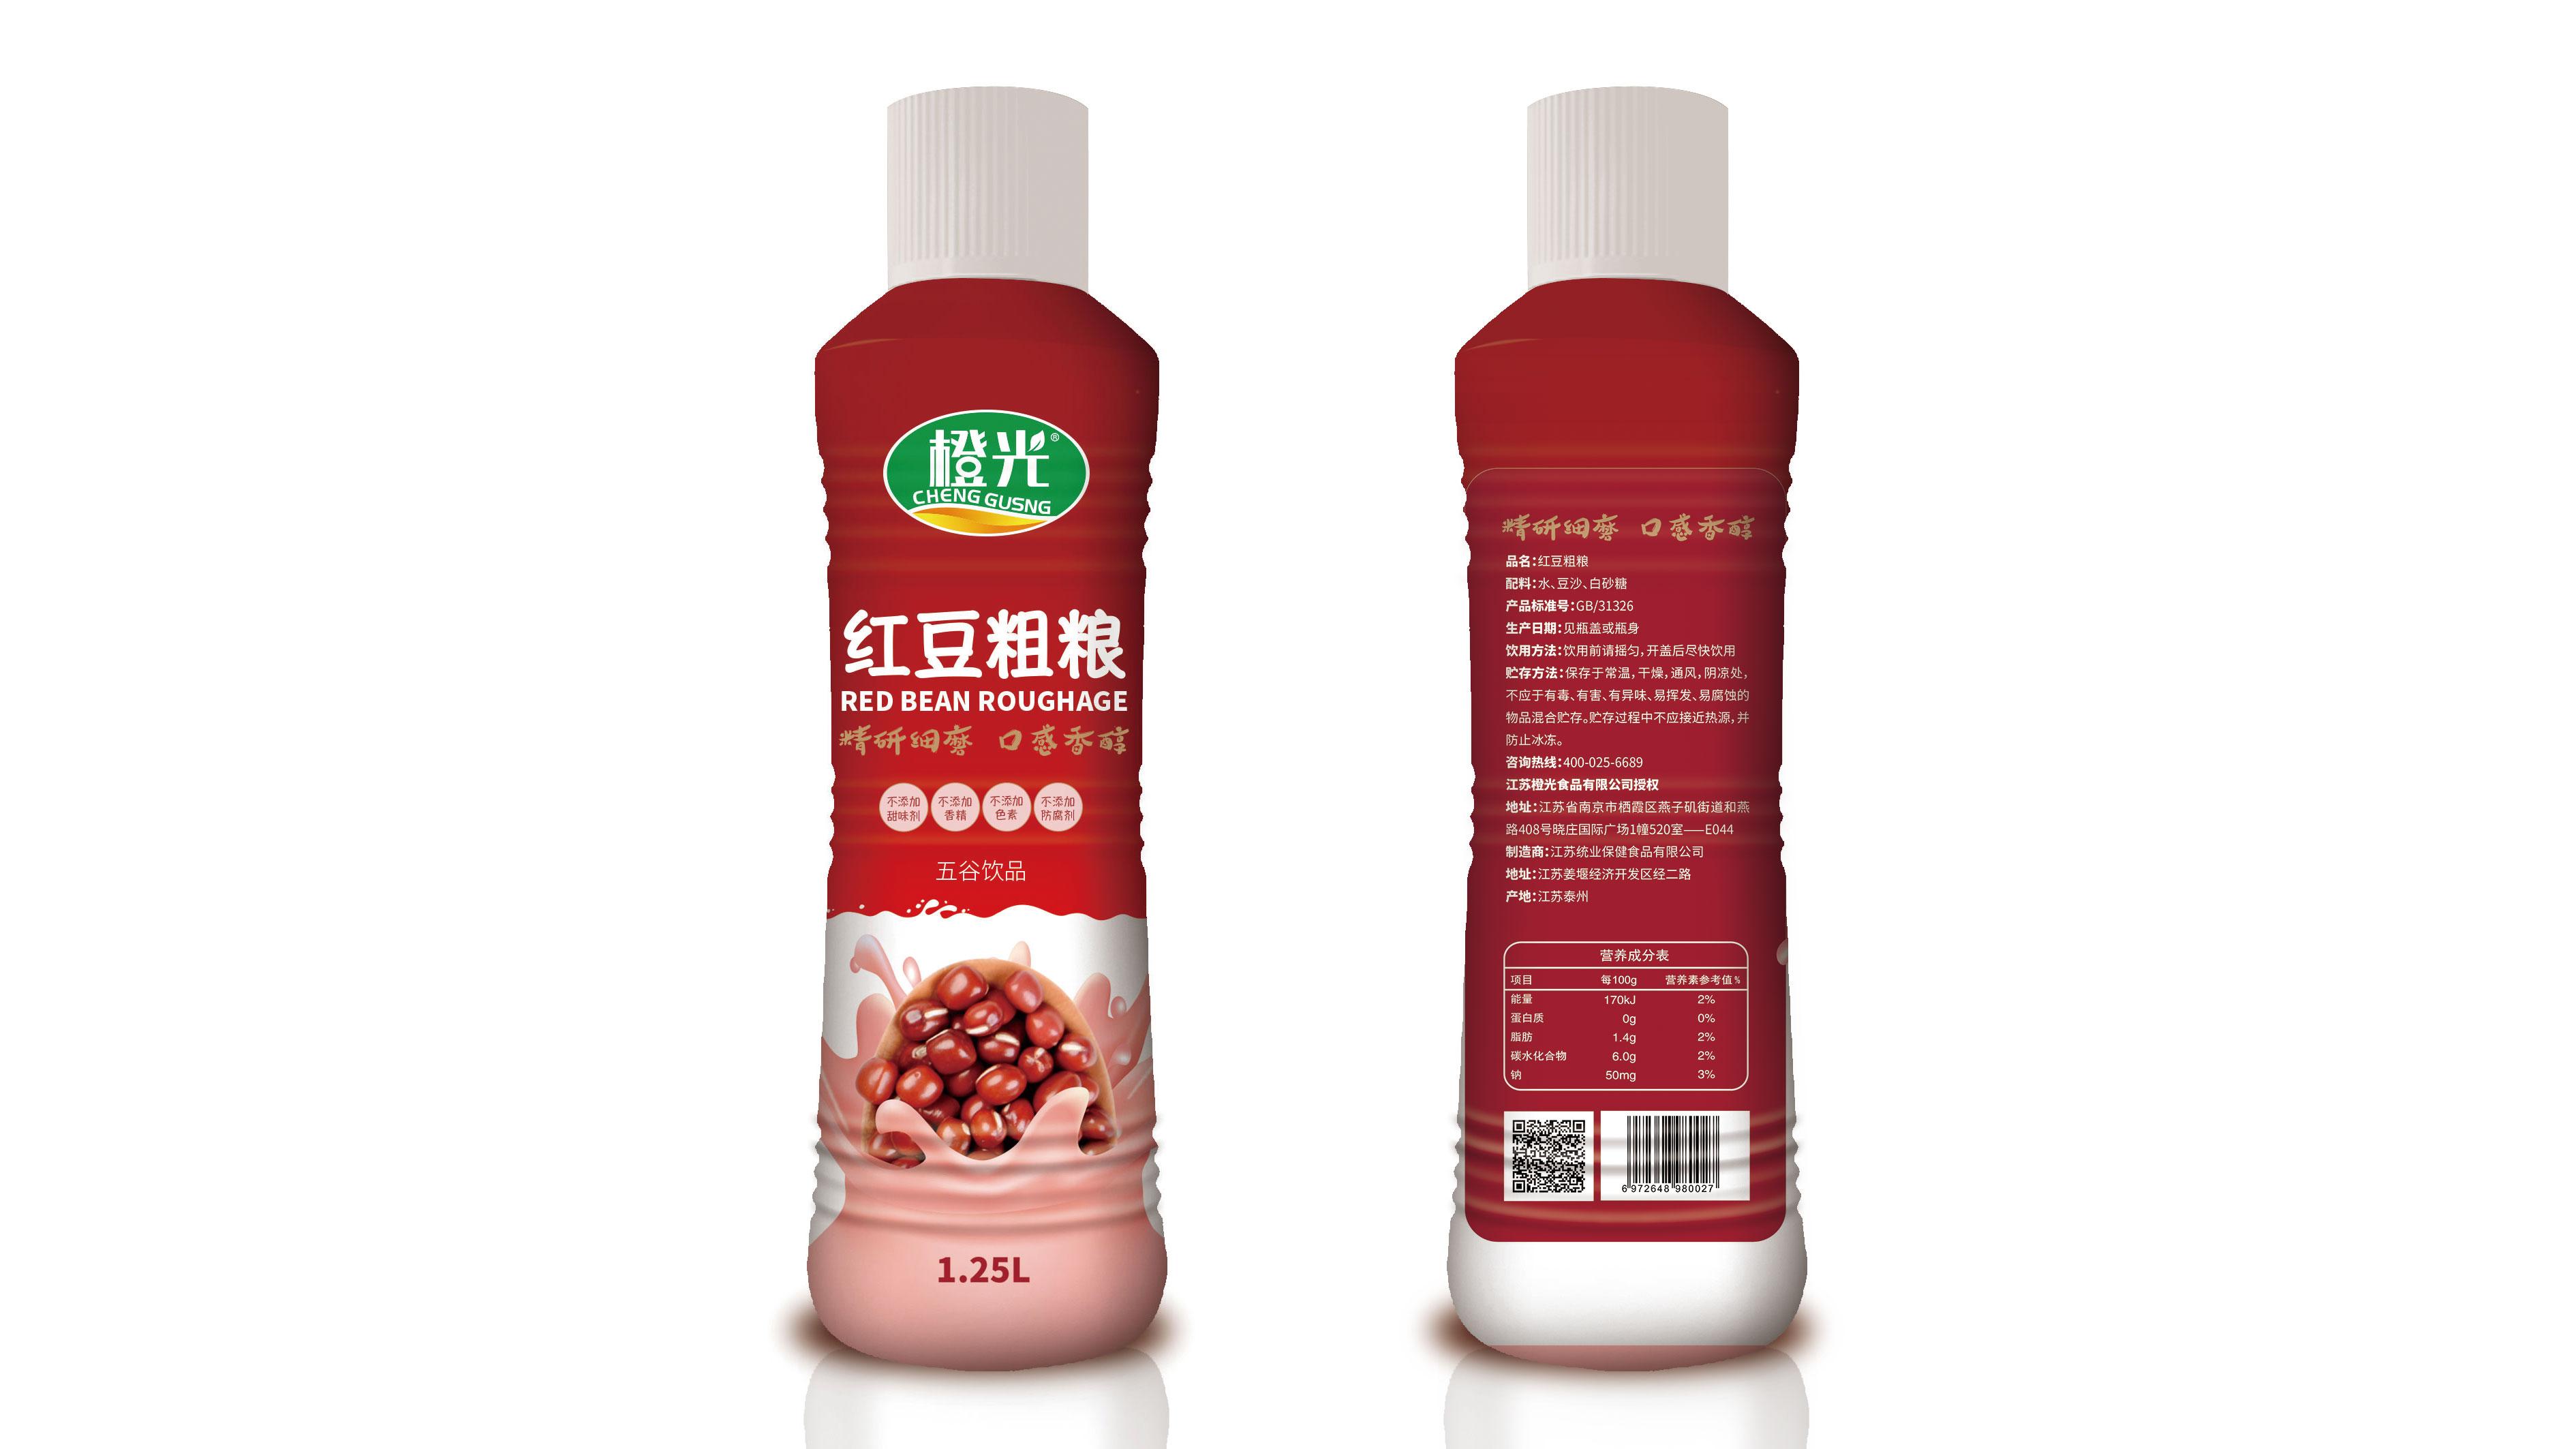 橙光红豆粗粮饮料品牌包装设计